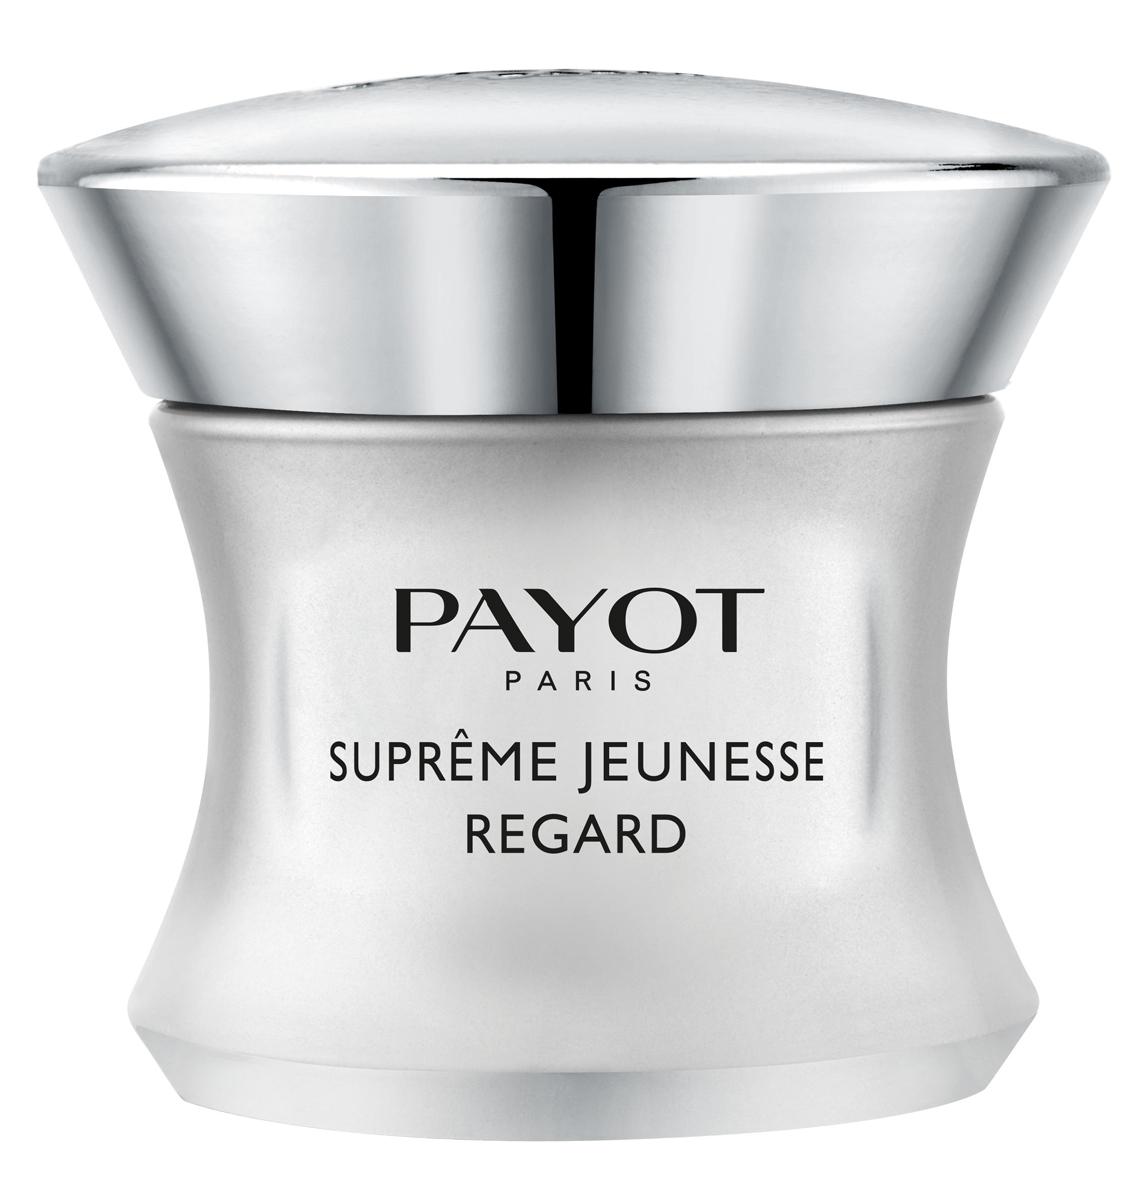 Payot Supreme Jeunesse Крем для глаз с непревзойденным омолаживающим эффектом,, 15 мл65100706Крем для глаз с непревзойденным омолаживающим эффектом обеспечивает исчерпывающий уход за областью глаз. Утром разглаживает кожу и придает сияние взгляду. Ночью активно восстанавливает. Возраст: рекомендовано для 50+, в отдельных случаях 30+.